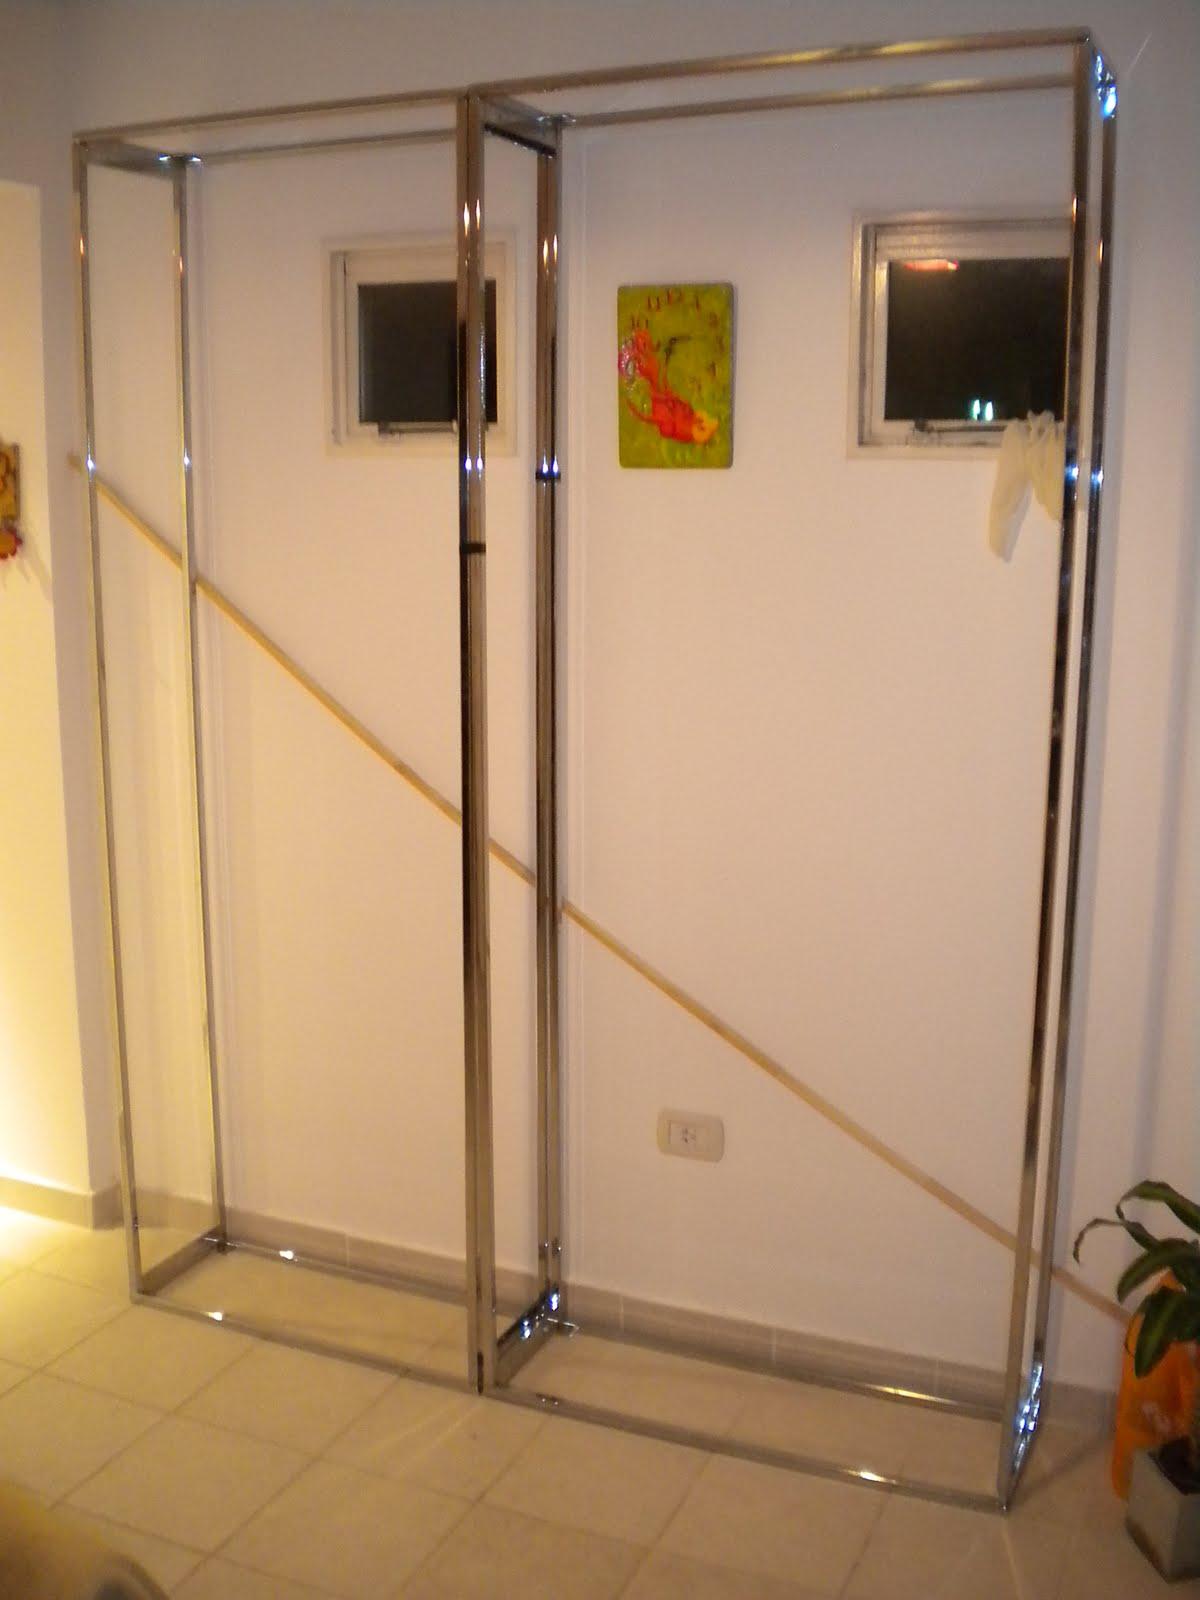 Dos por cuatro estudio muebles divisores de ambientes for Mamparas para dividir ambientes